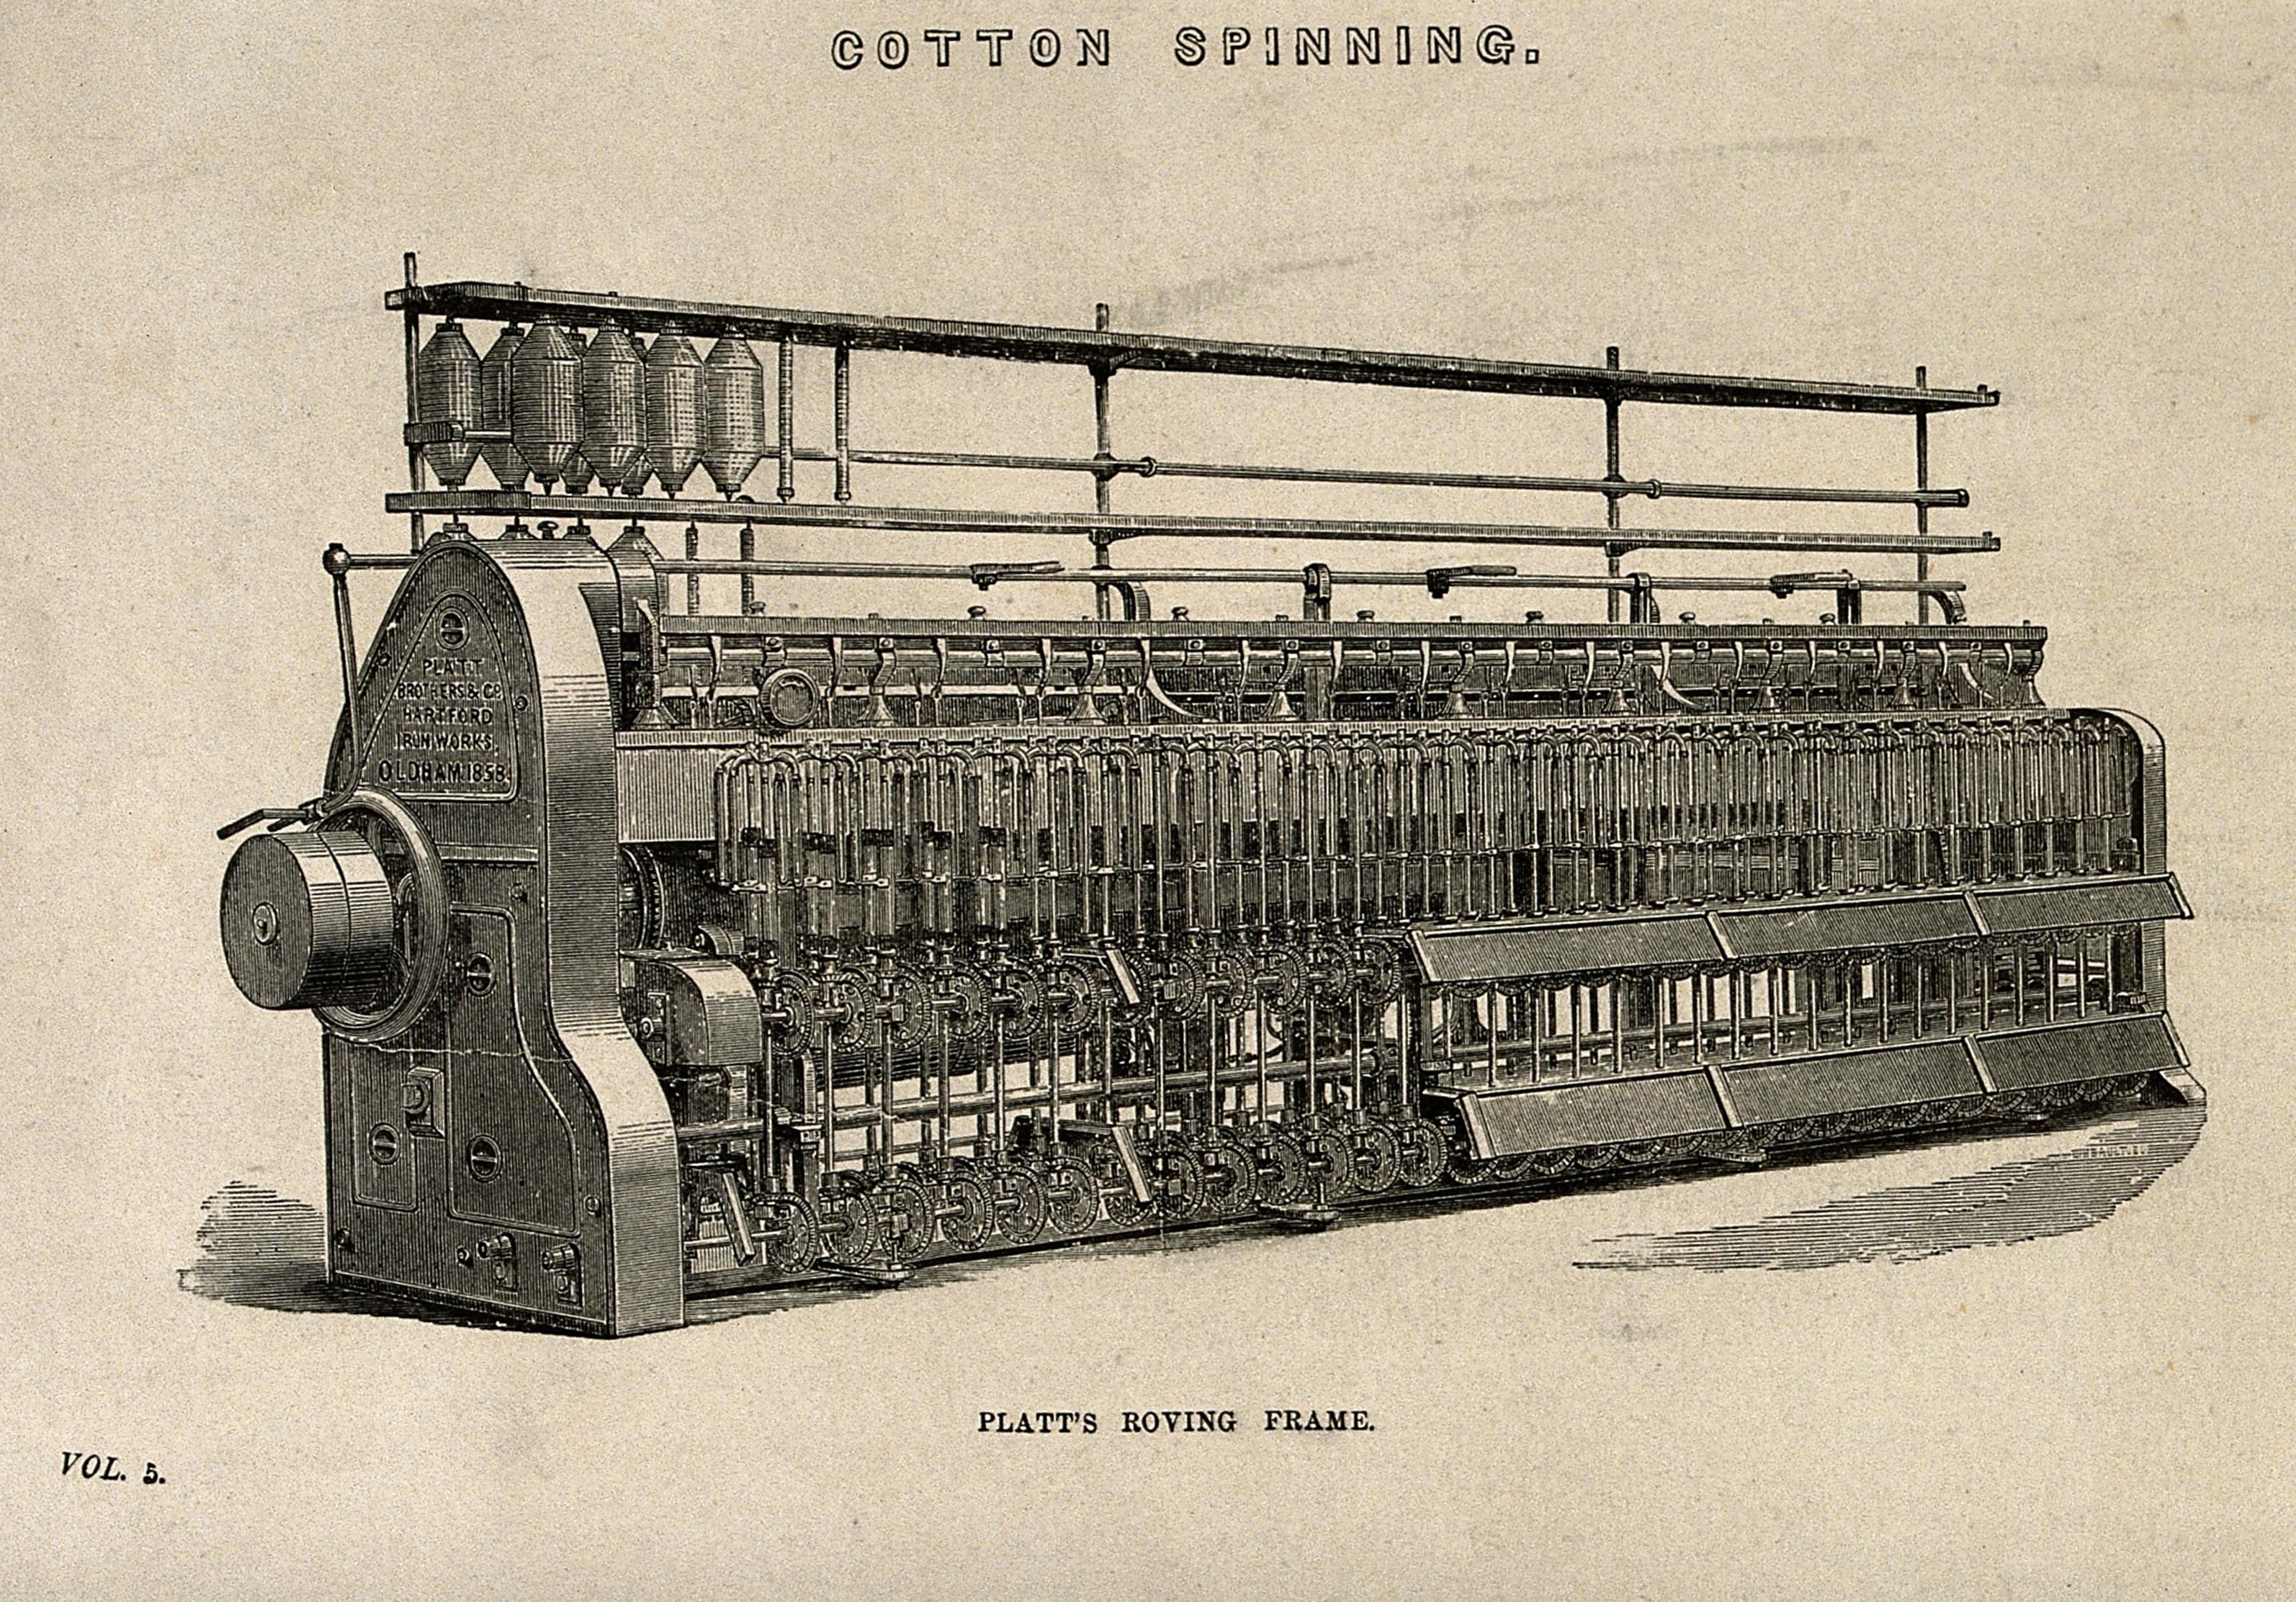 Cotton-spinning machinery - Wikipedia